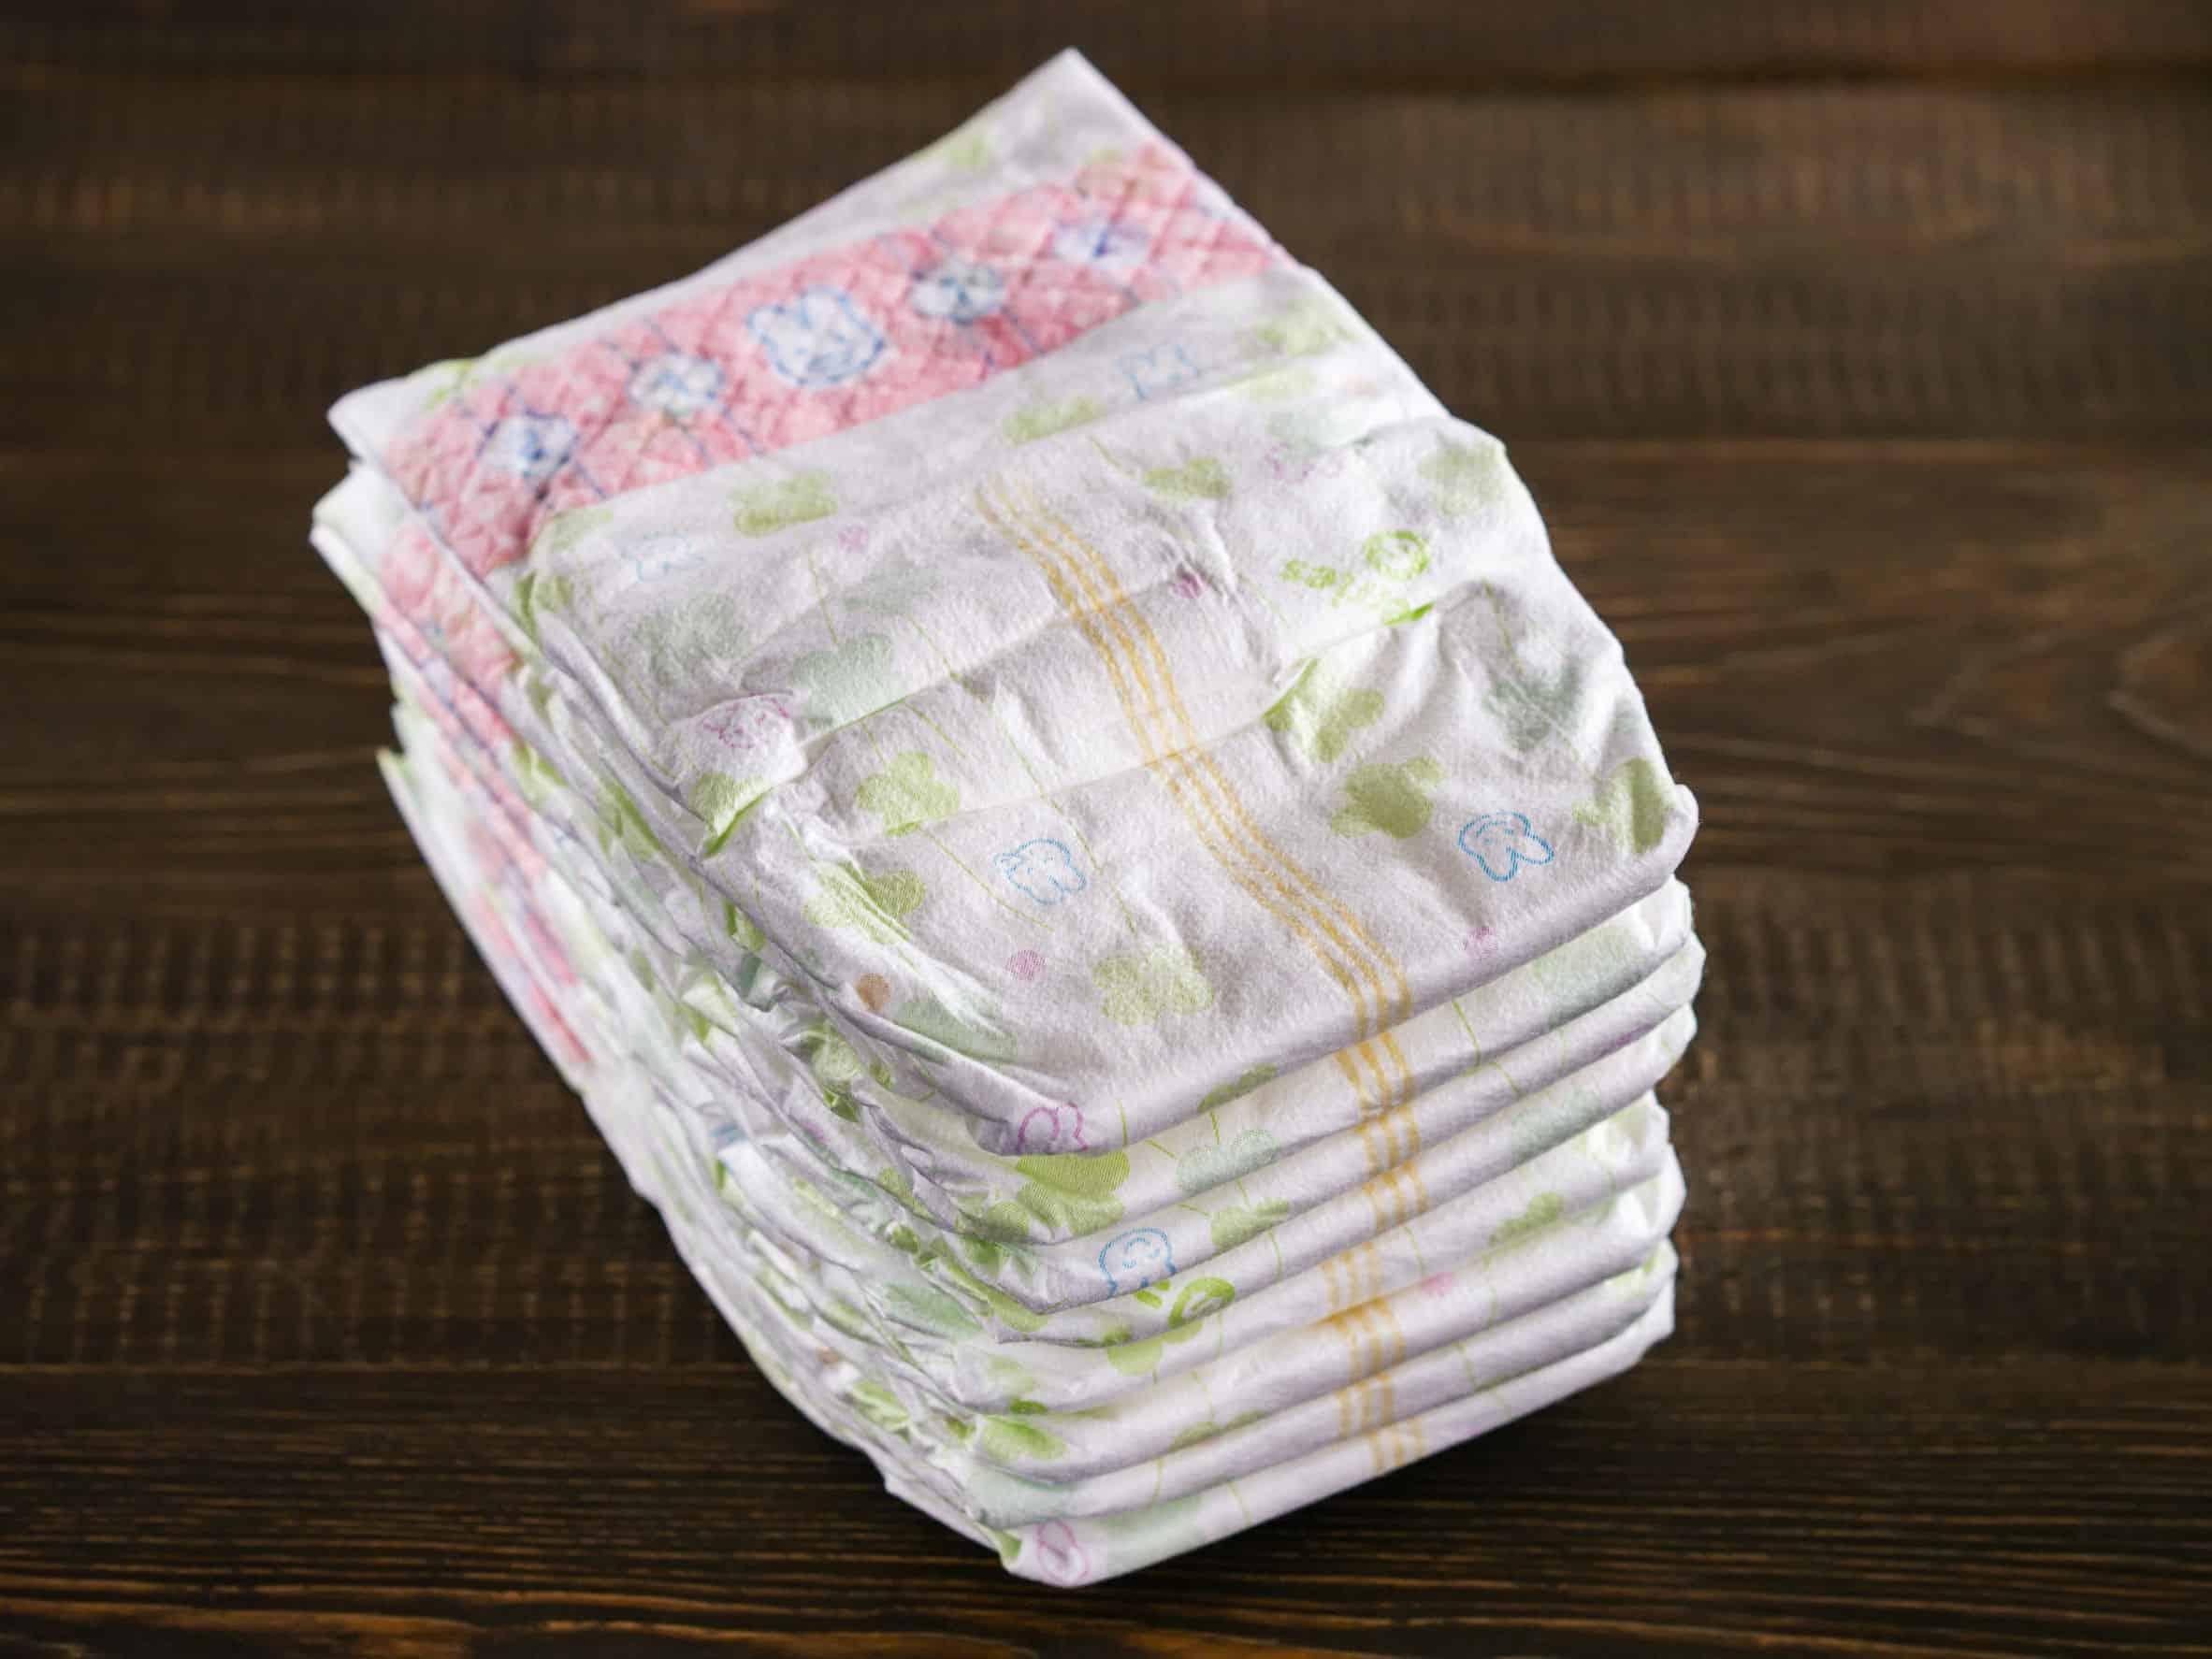 Imagem de pilha de fraldas descartáveis.